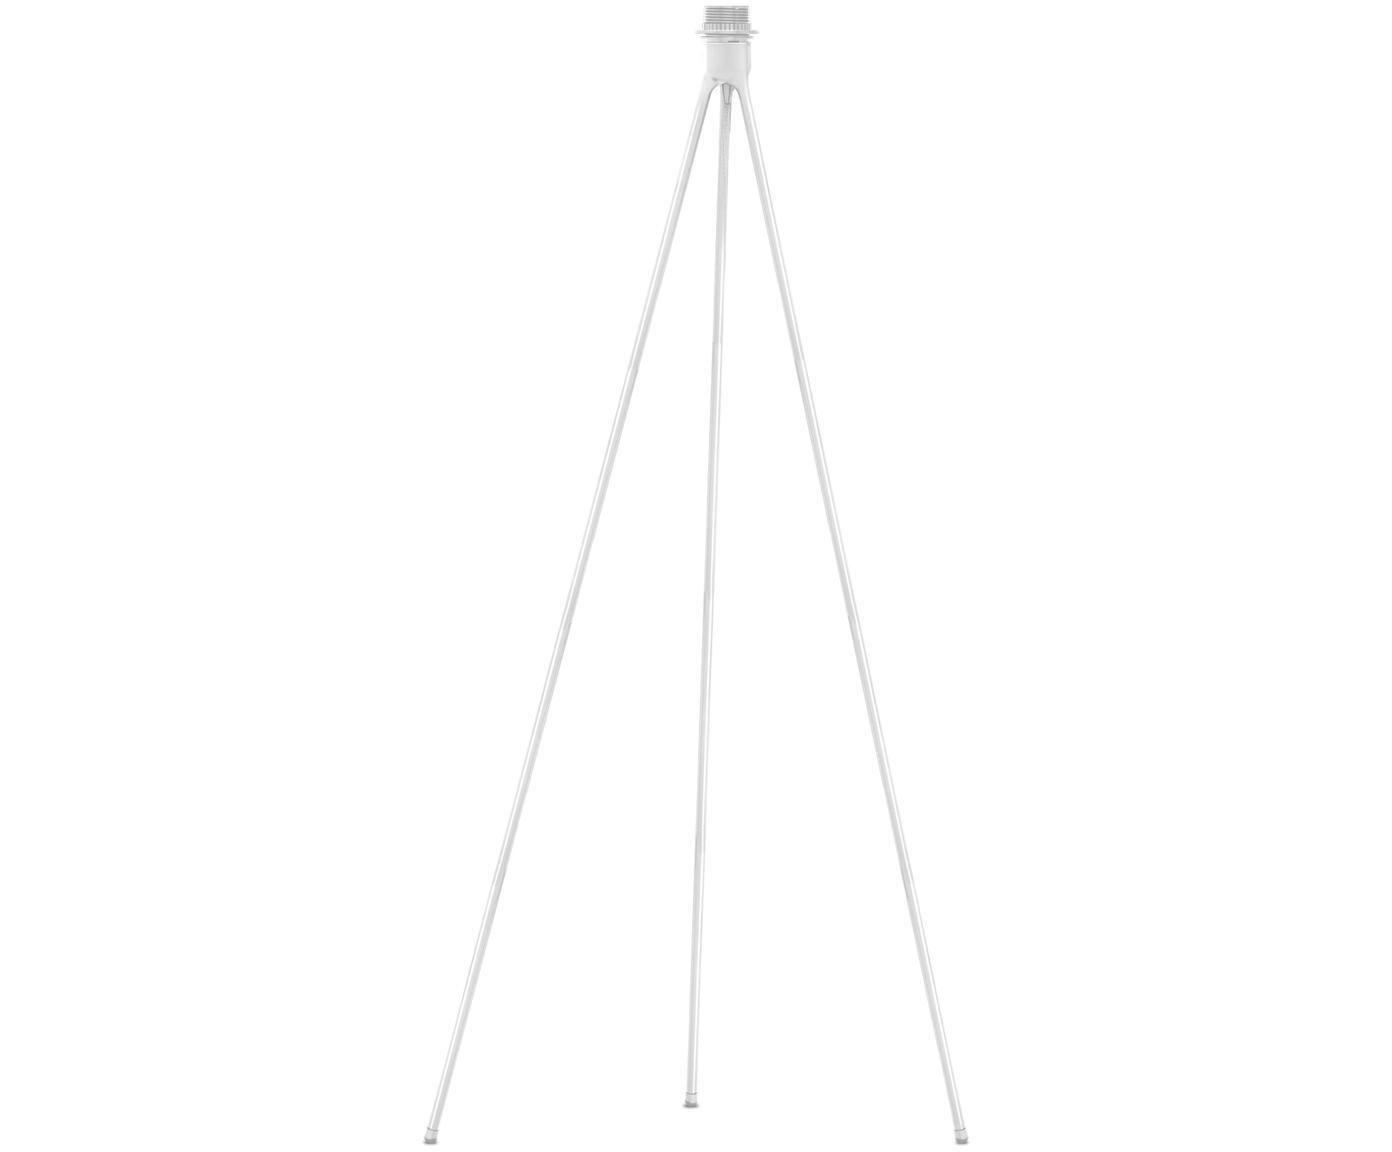 Lampvoet voor vloerlamp Tripod, Lampvoet: gecoat aluminium, Wit, Ø 50 x H 109 cm